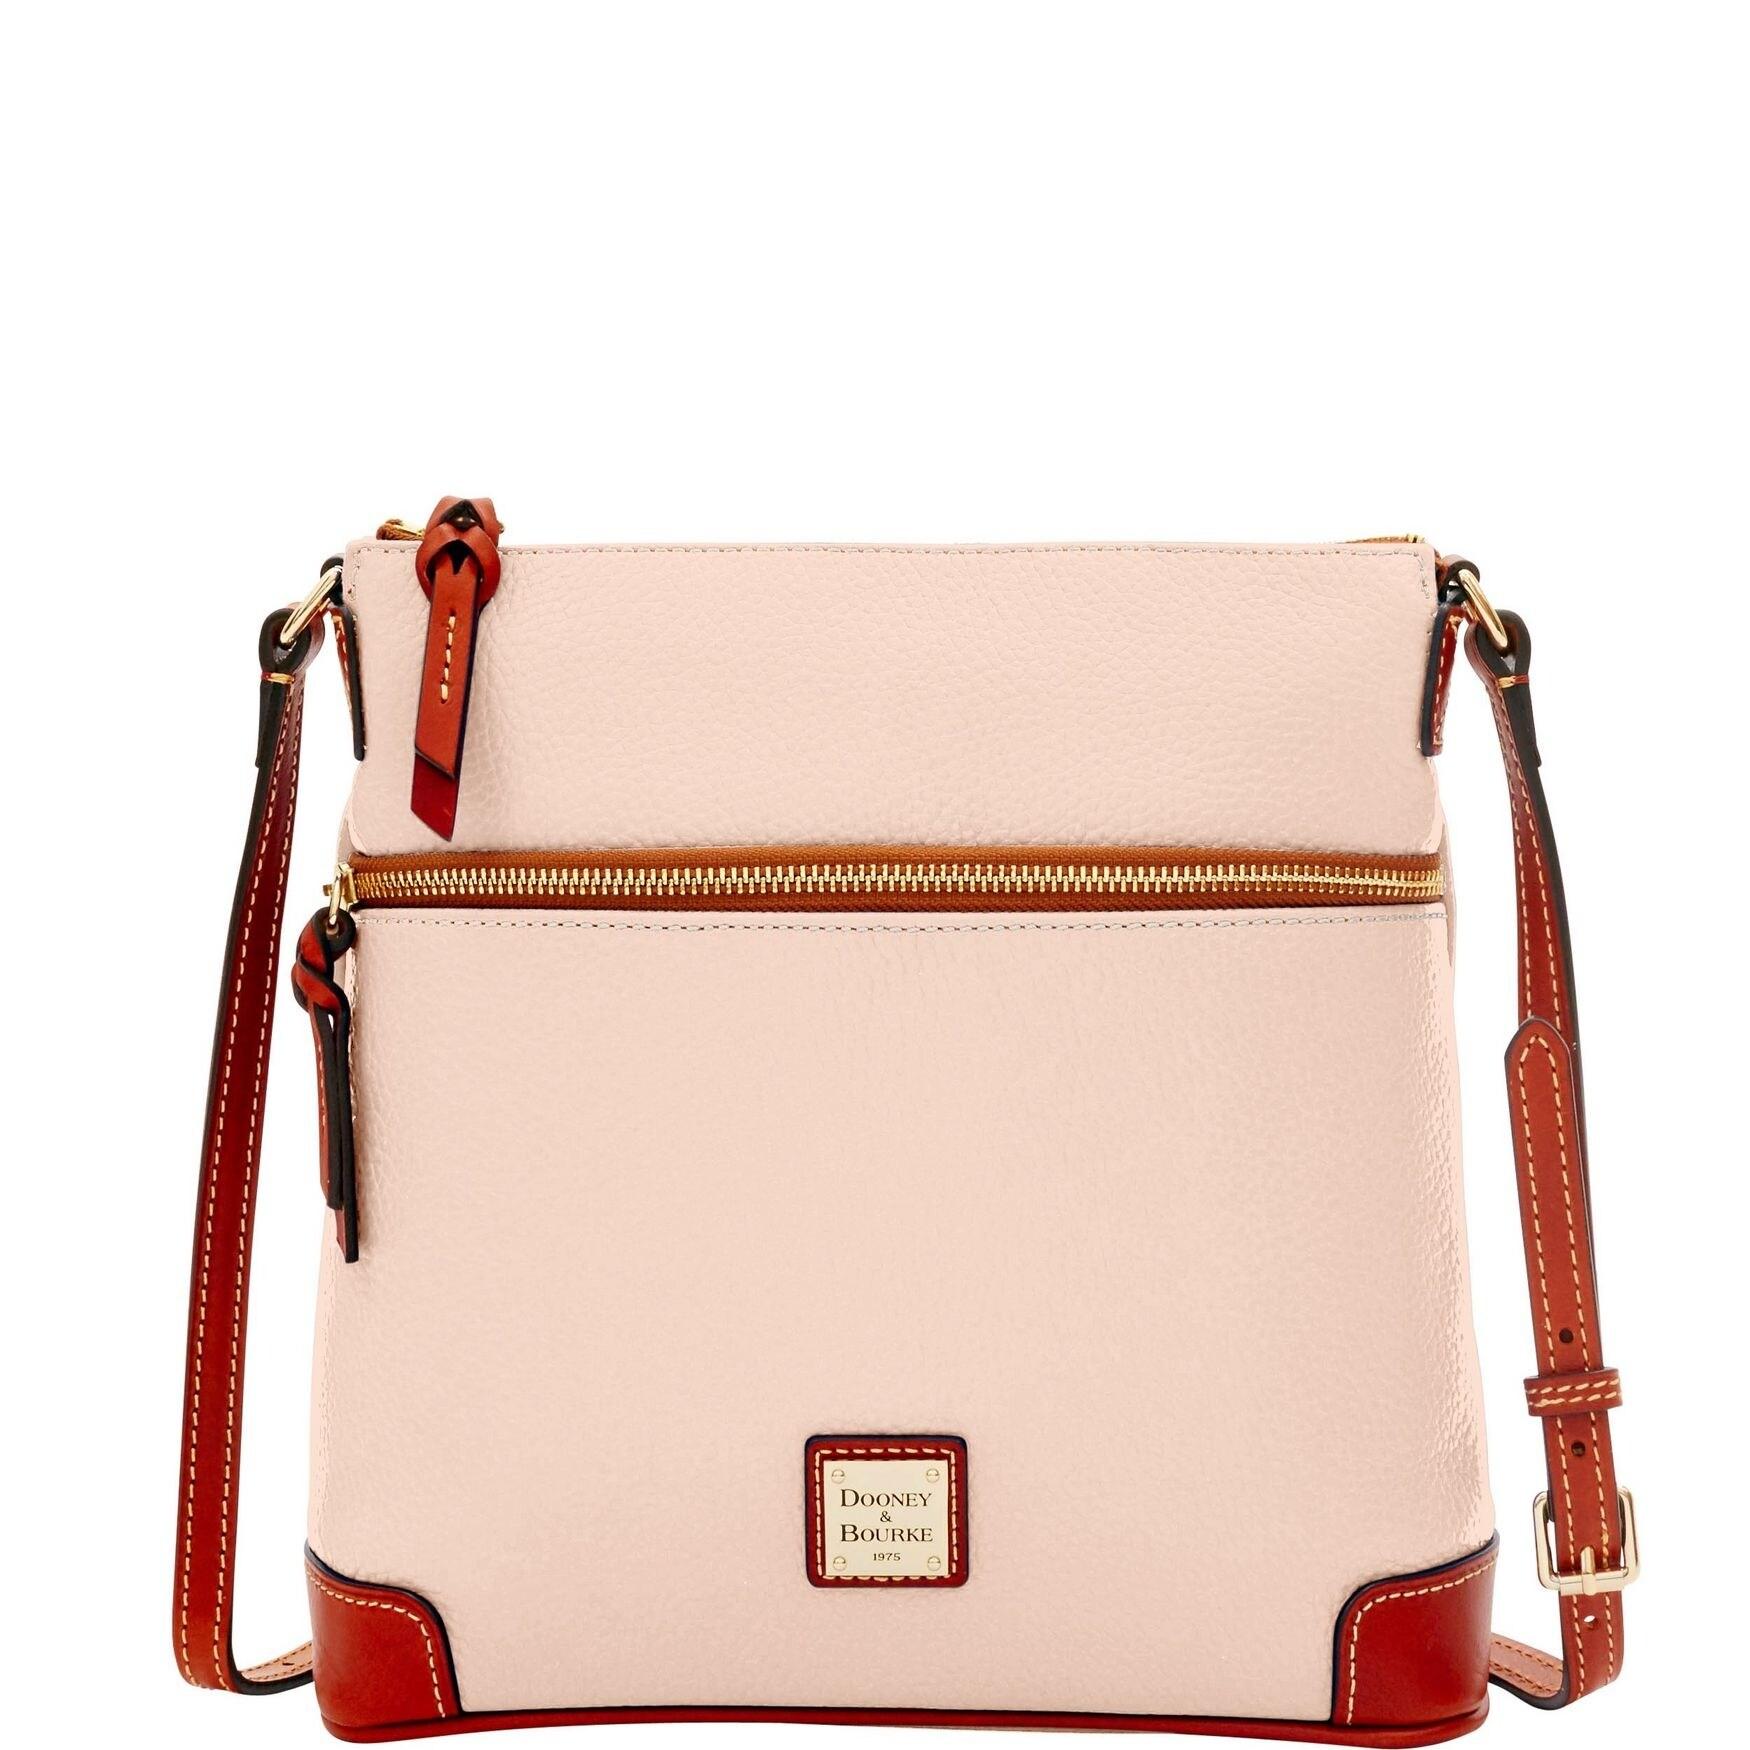 3cb31caa83 Designer Handbags | Shop Online at Overstock